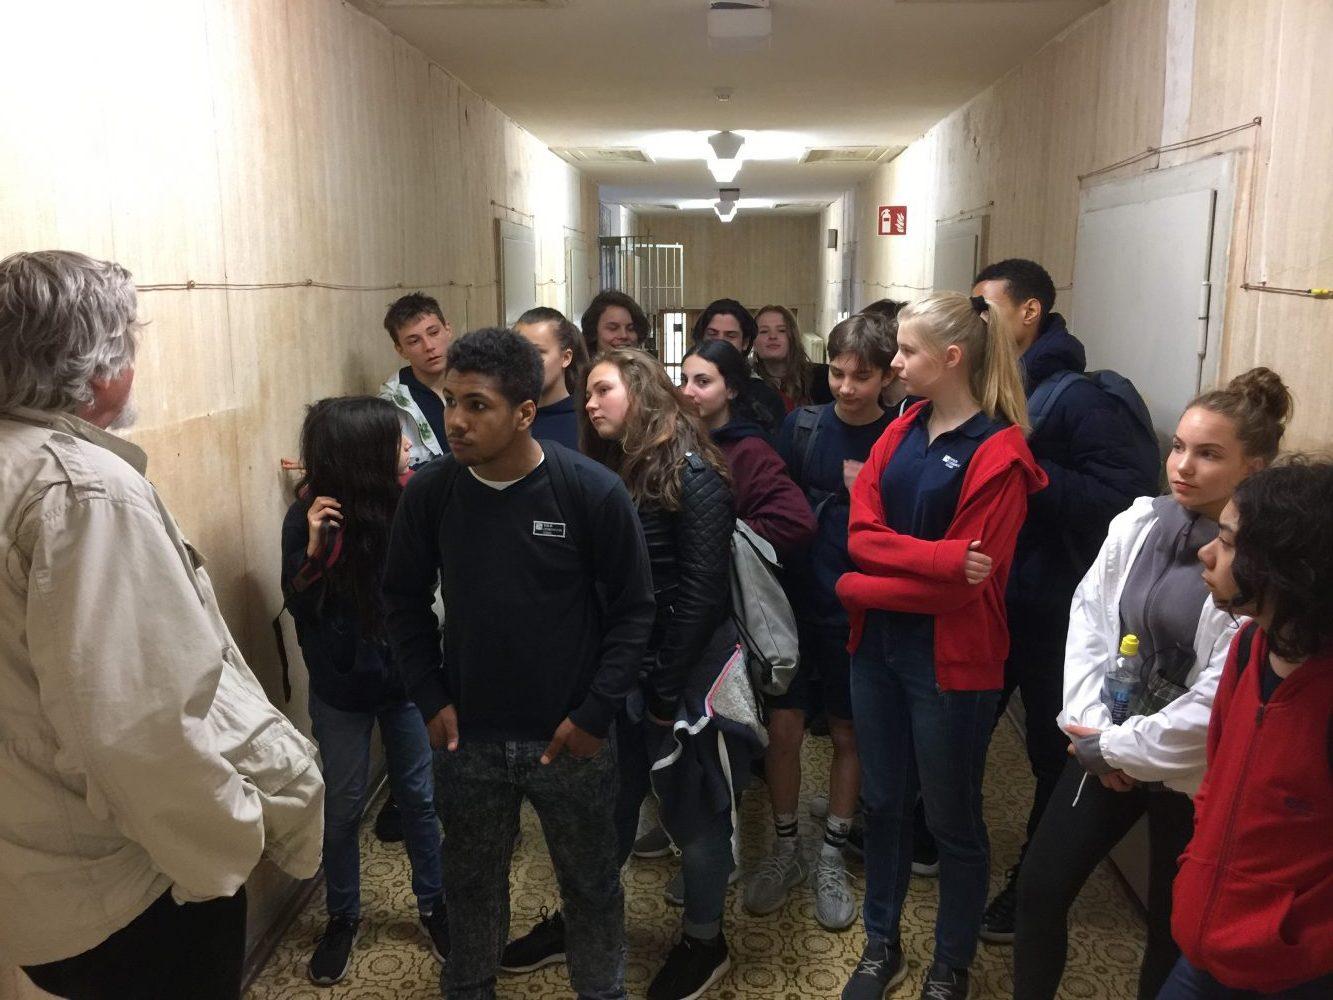 9. Klassen besuchen Stasi-Gefängnis - Berlin Cosmopolitan School